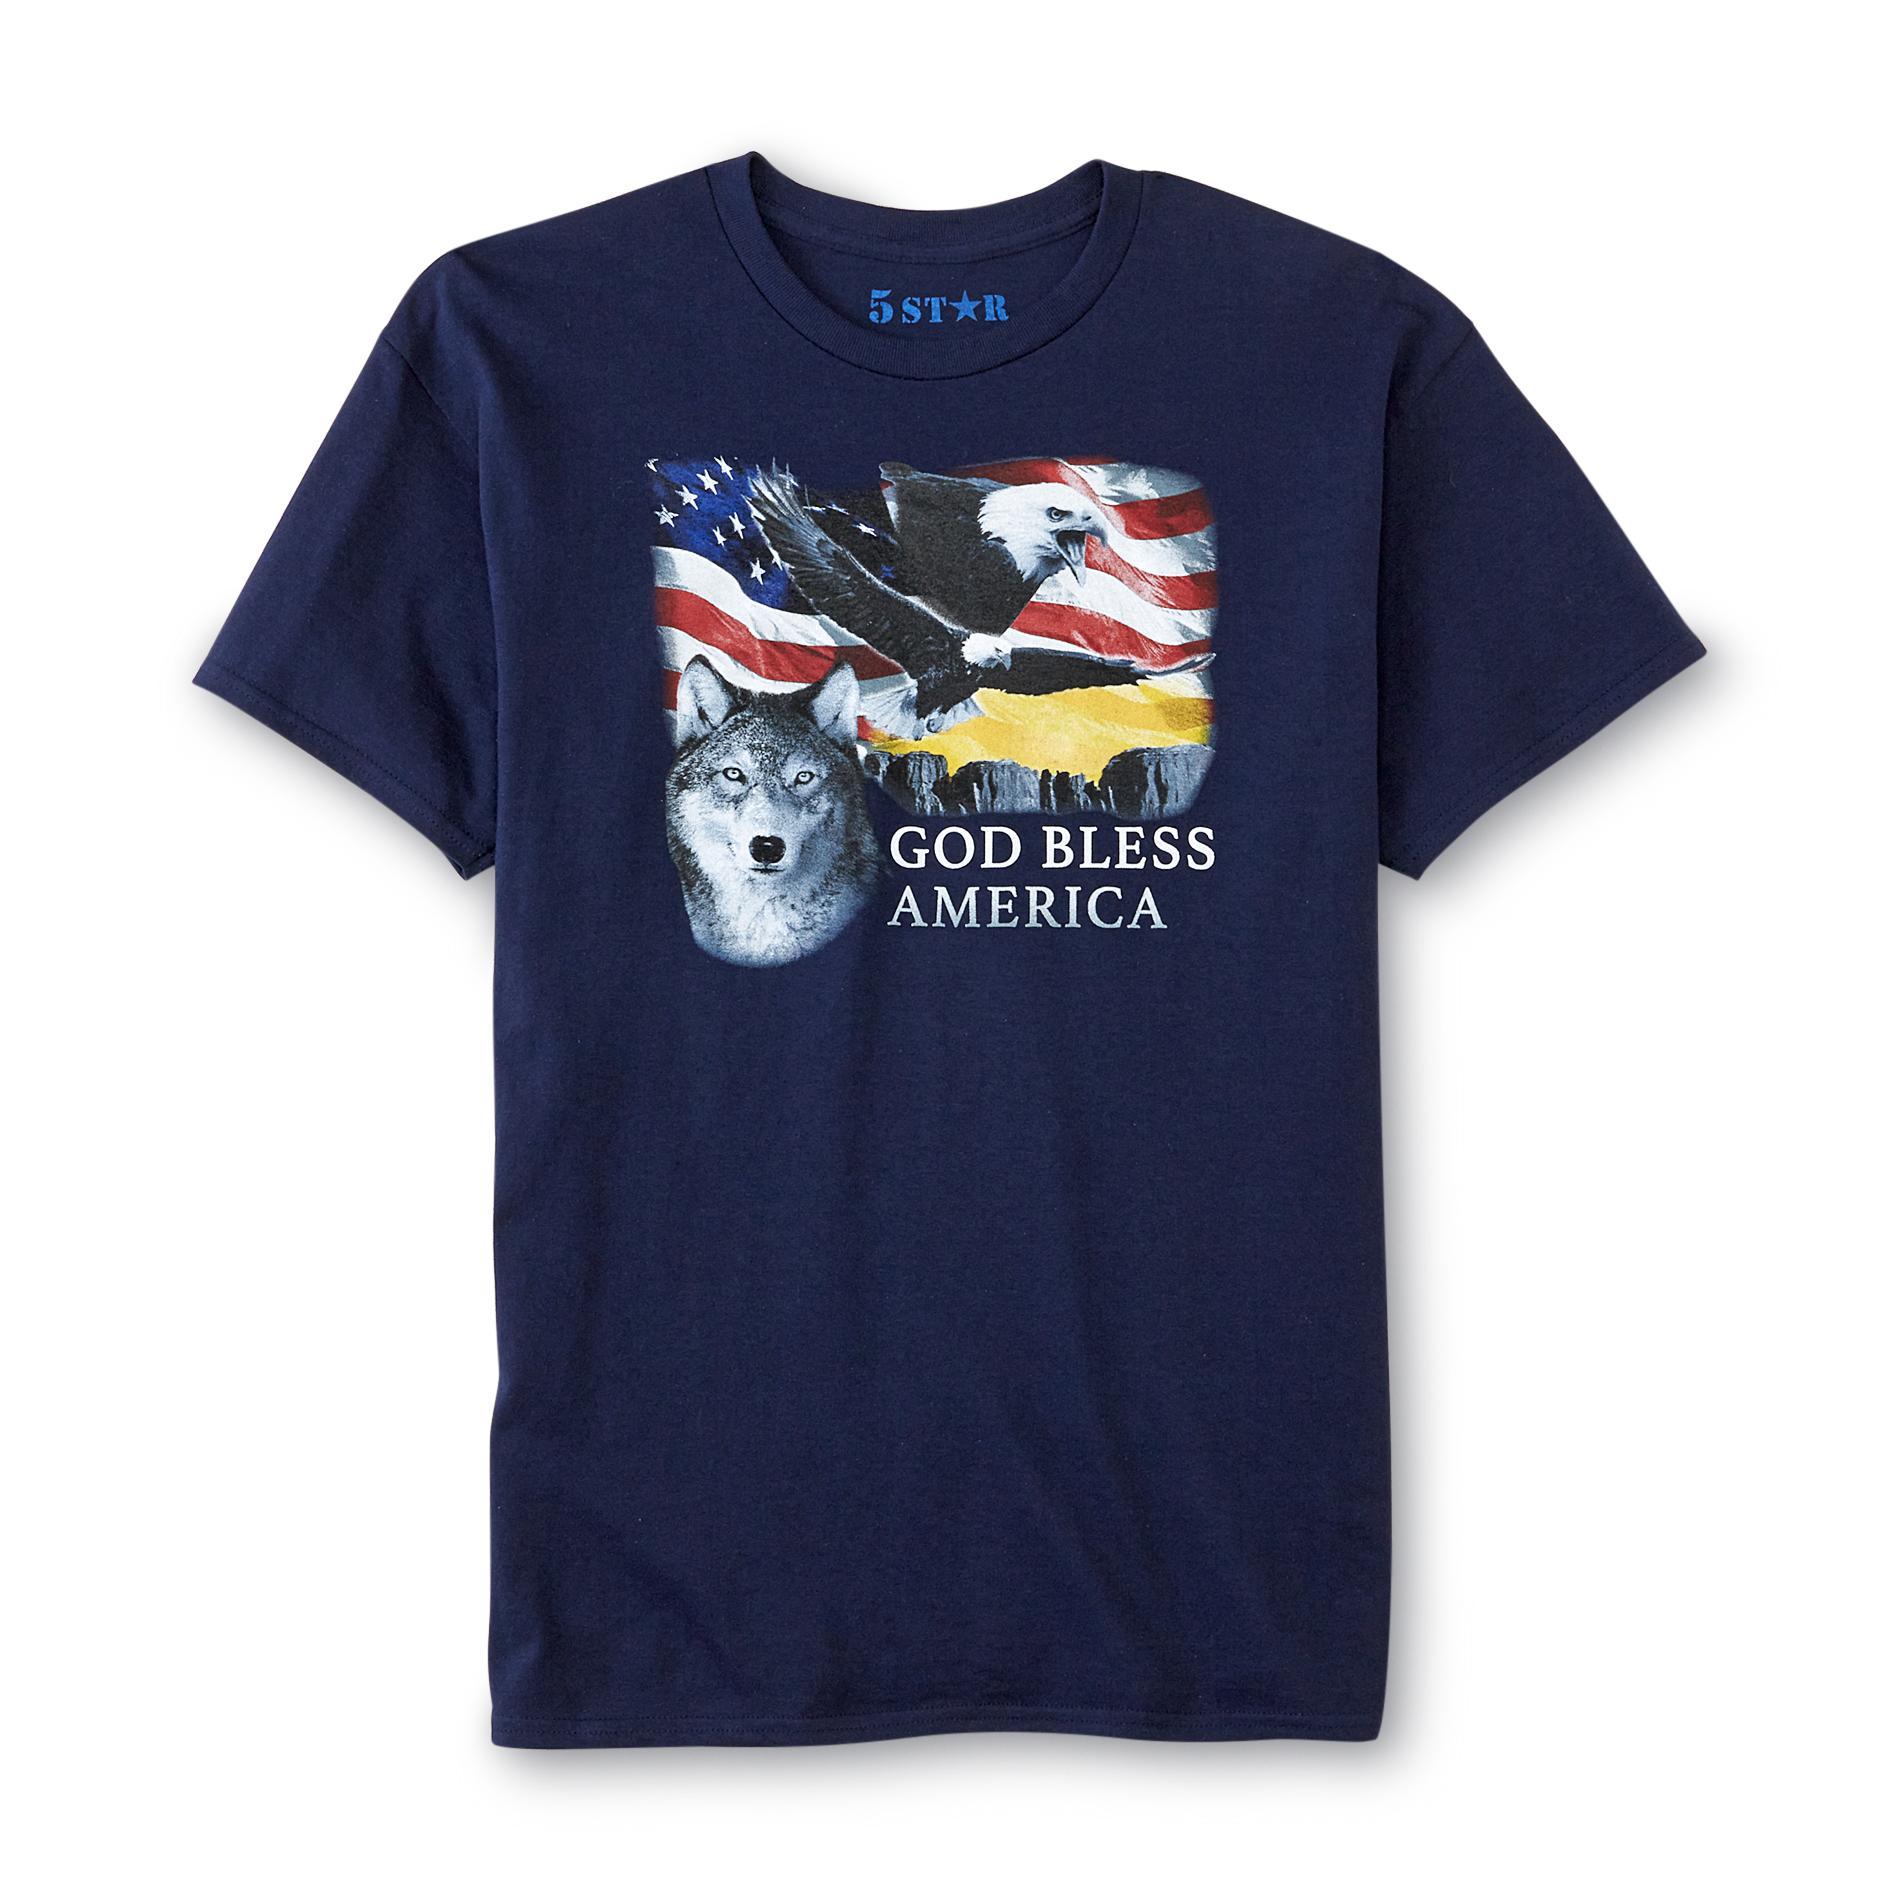 Men's Graphic T-Shirt - God Bless America